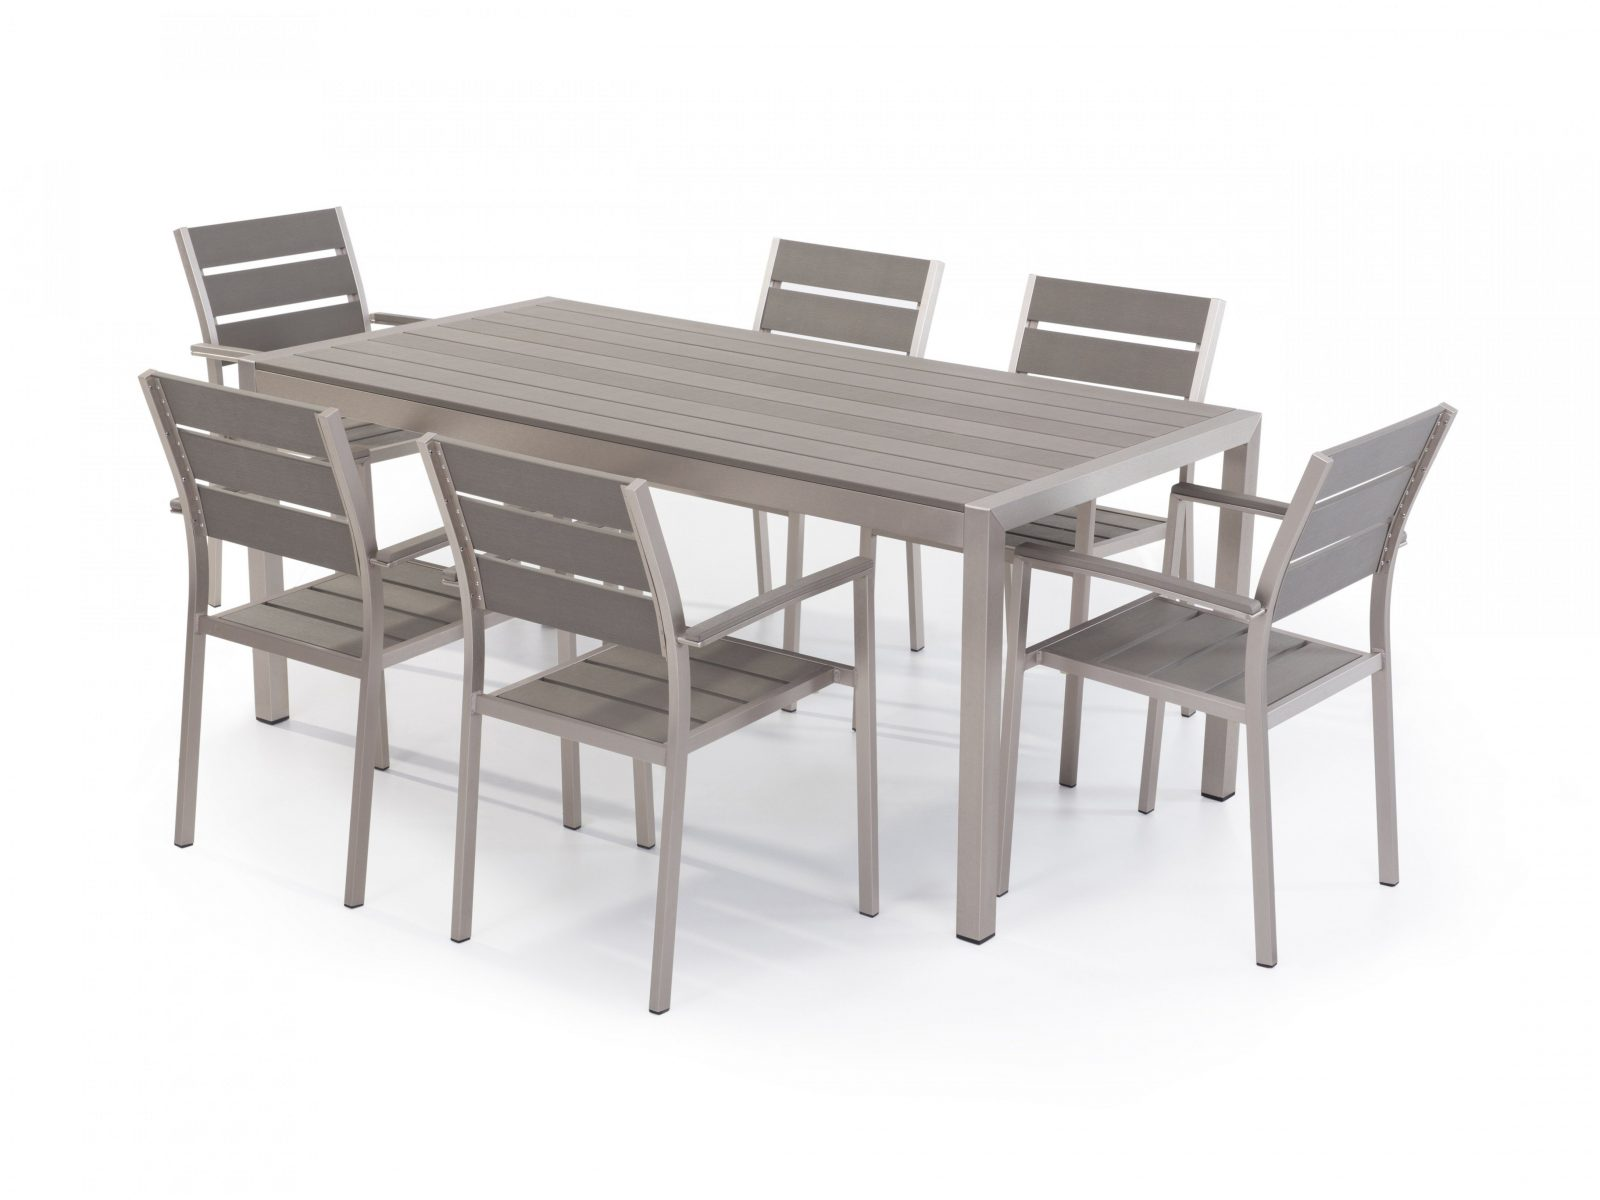 Design Gartenmöbel Aluminium Gartenmöbel Set Grau  Tisch 180Cm  6 von Gartentisch Mit 6 Stühlen Photo